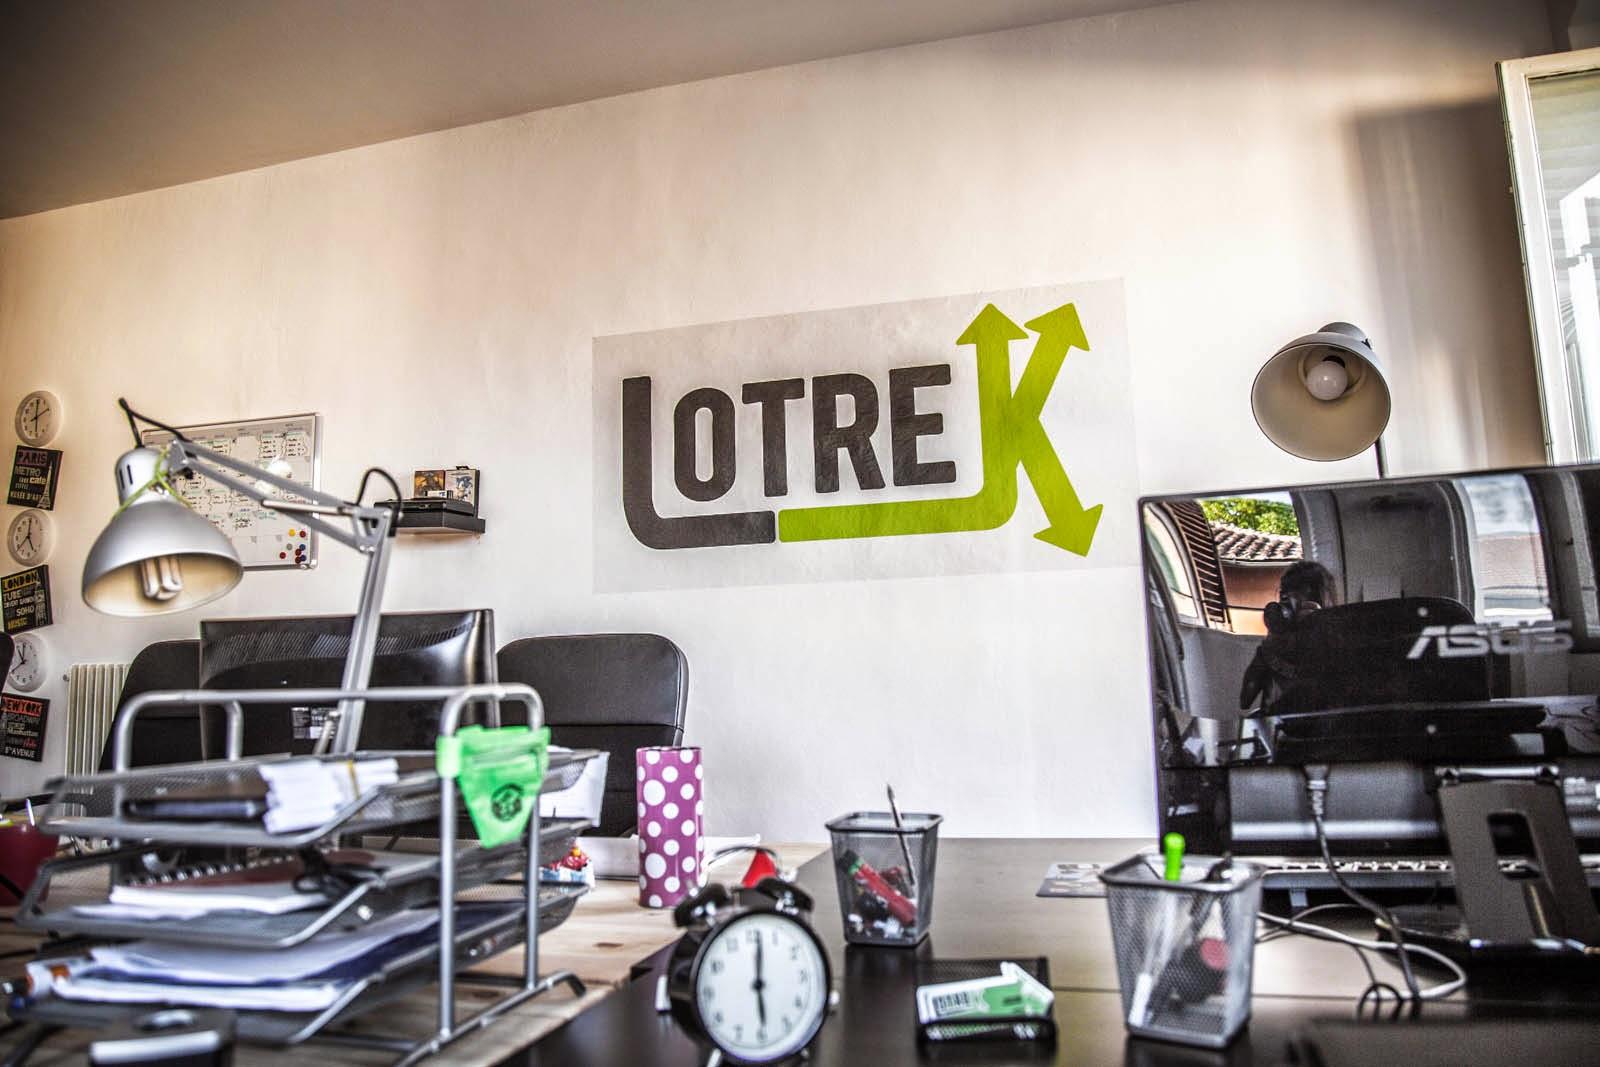 Lotrek Web Agency